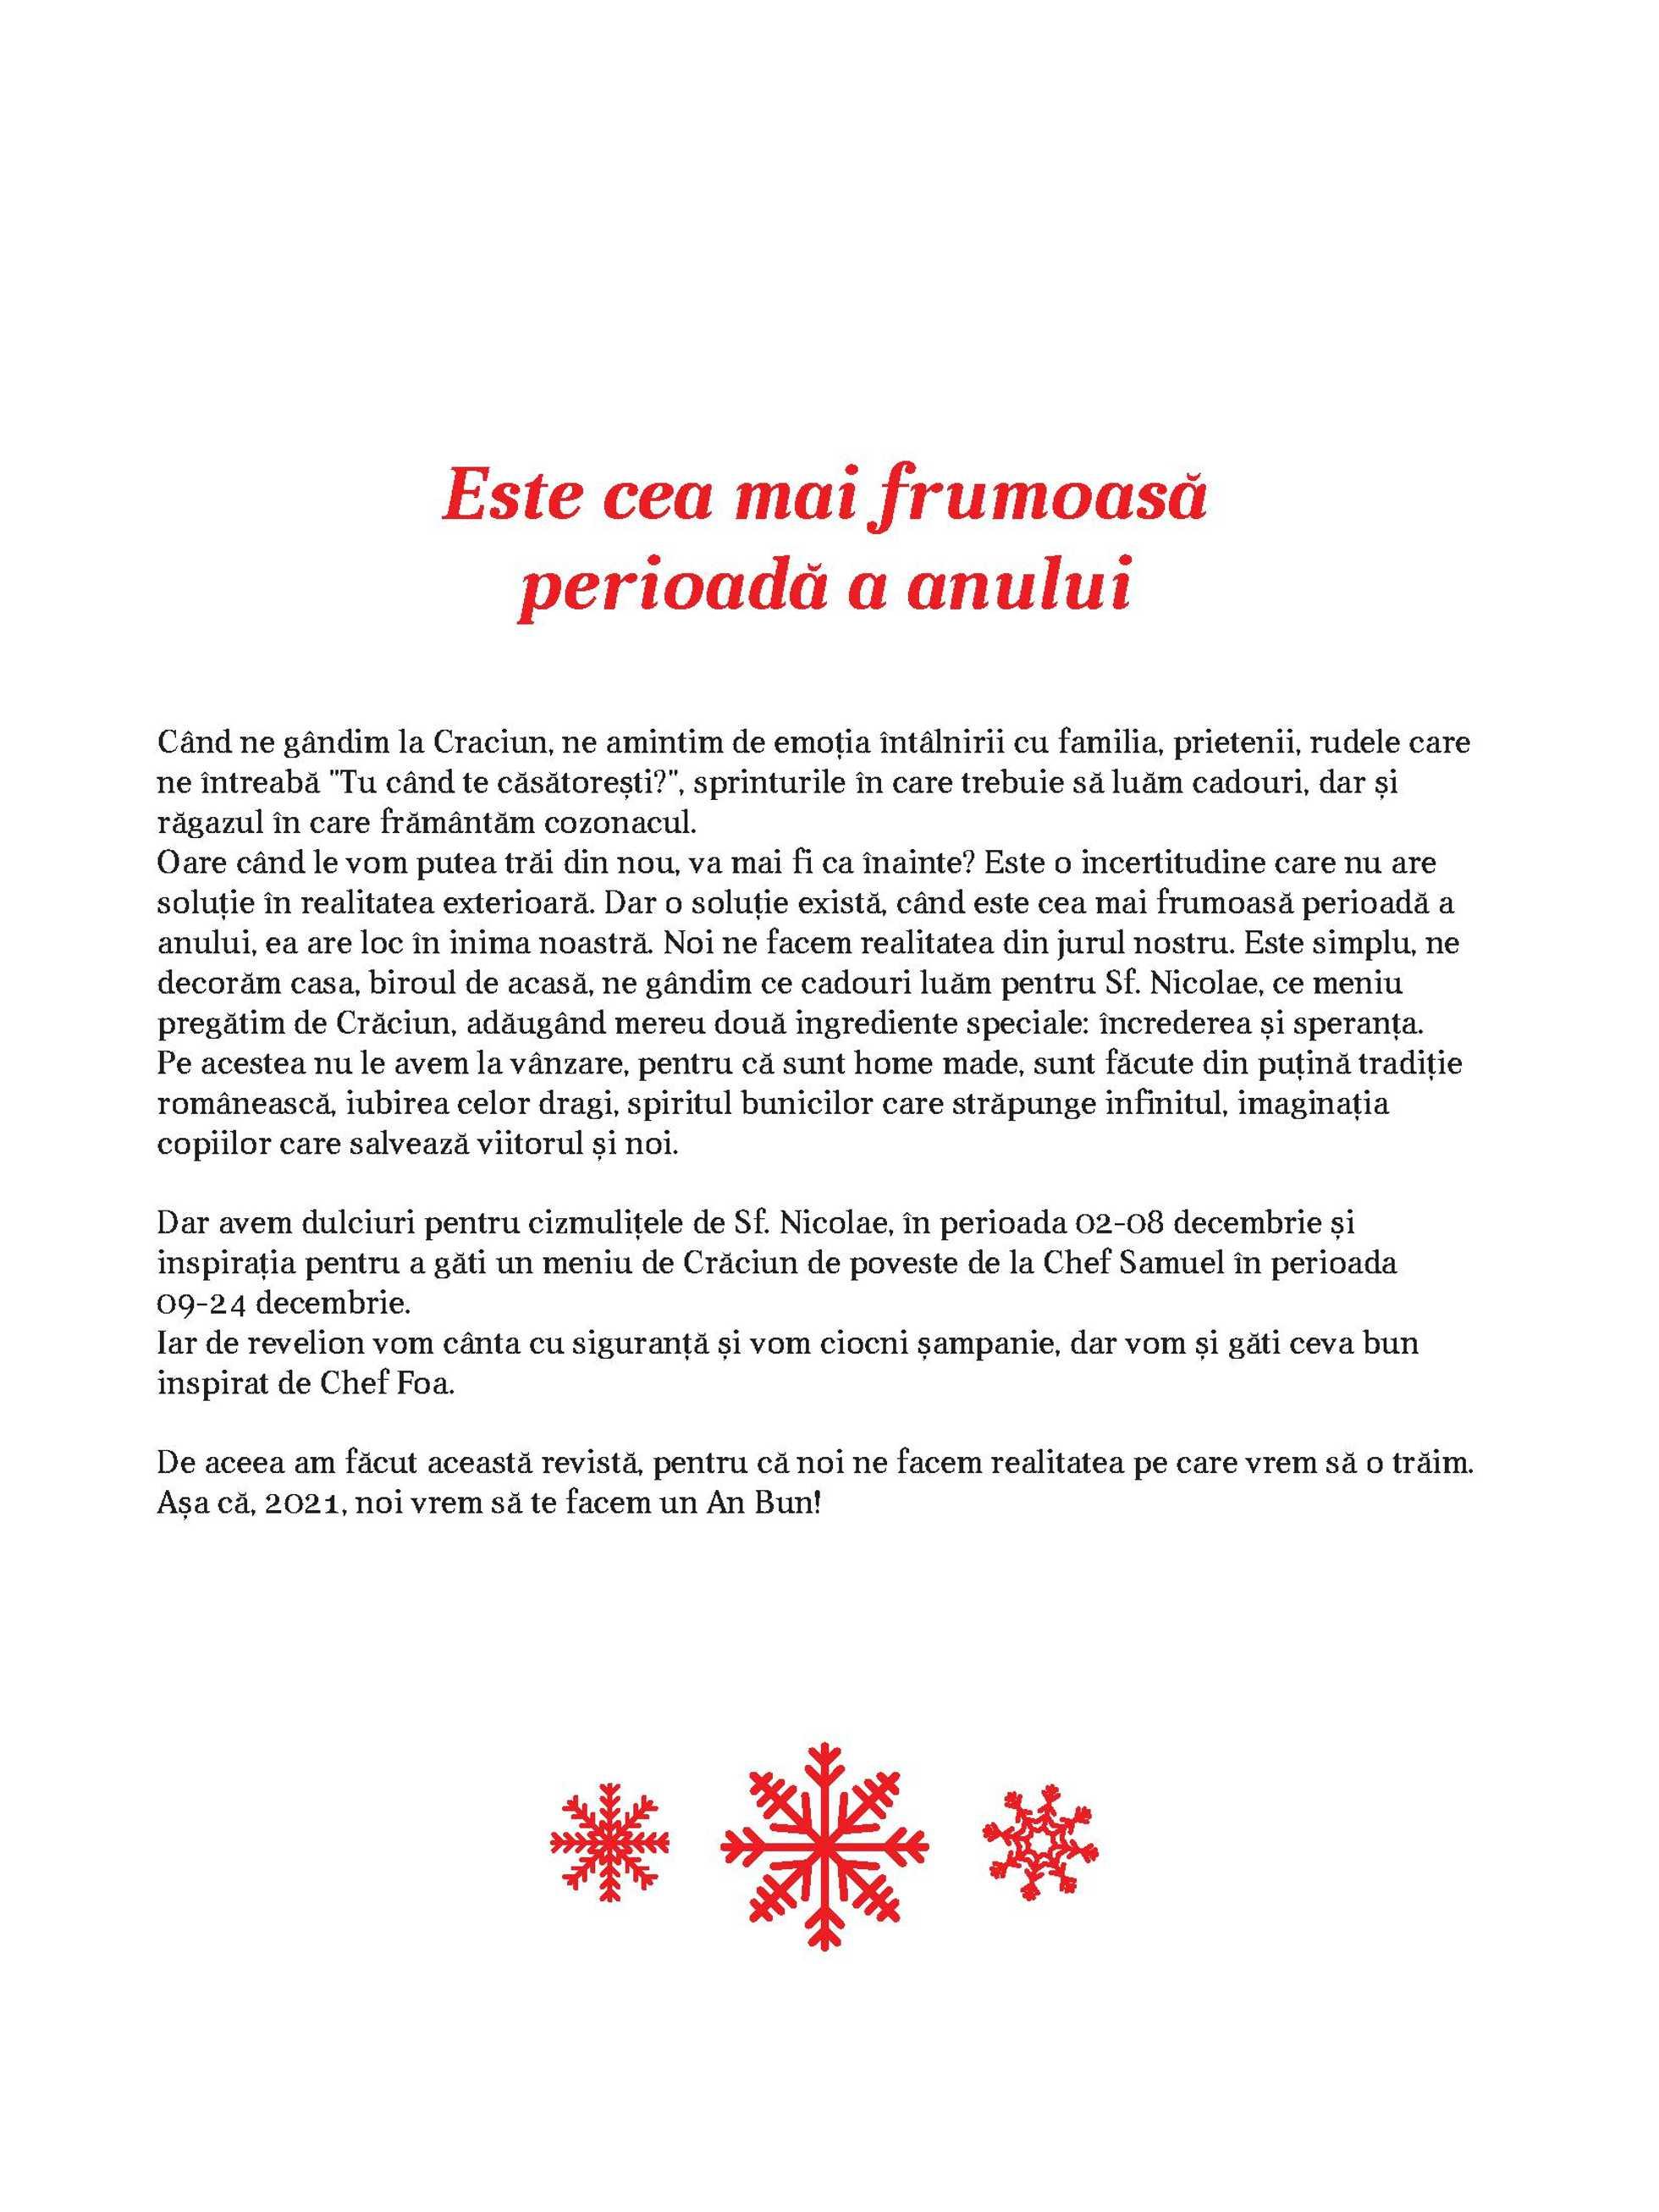 Kaufland - promo începând de la 02.12.2020 până la 31.12.2020 - pagină 3.